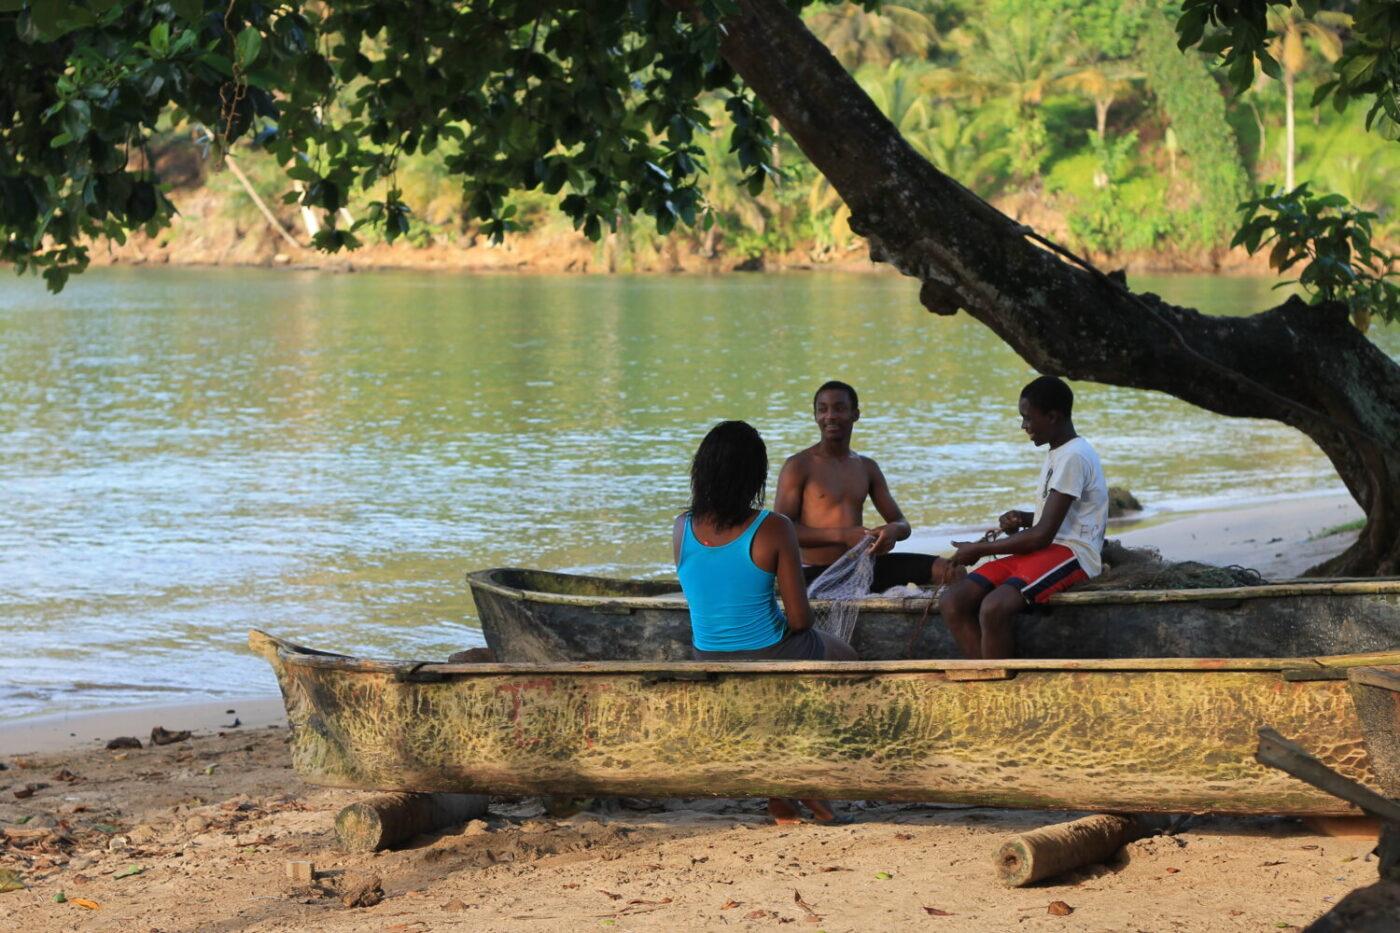 Reise in Sao Tome und Principe in Afrika. Drei junge Einheimische sitzen auf traditionellen Fischerbooten am Strand im Schatten eines grossen Baumes und flicken Fischernetze.